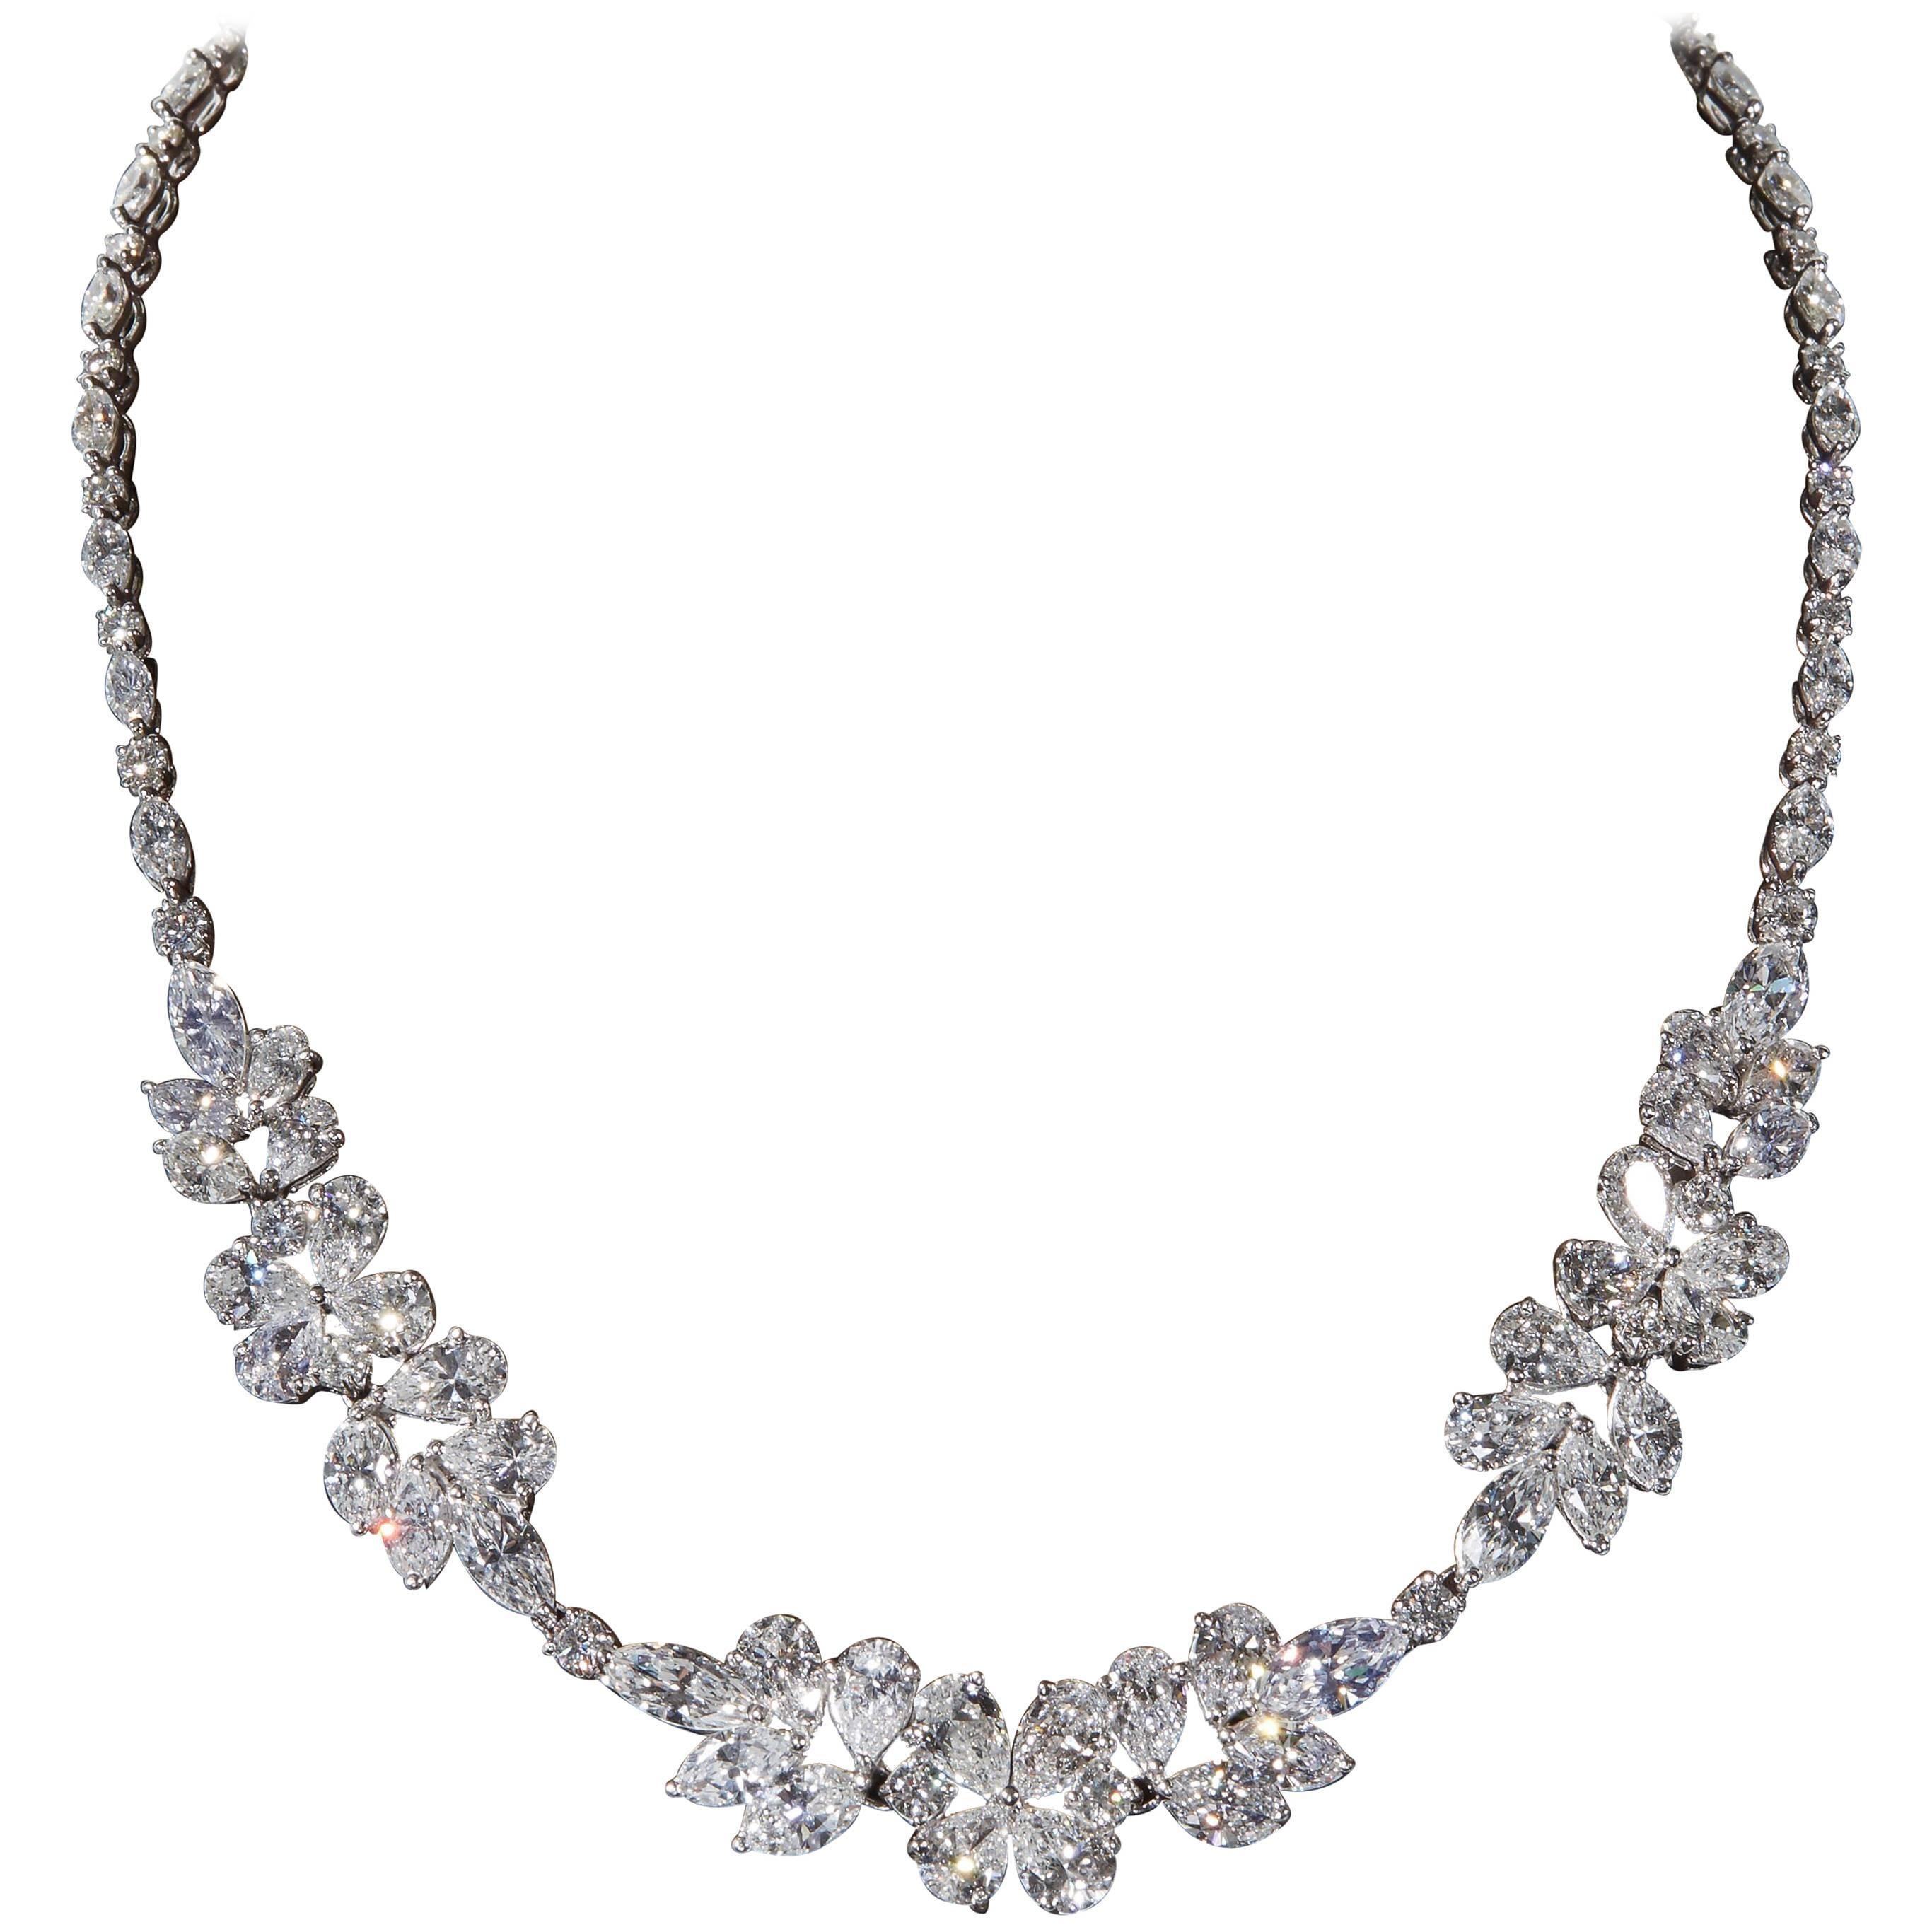 Diamond Cluster Wreath Necklace